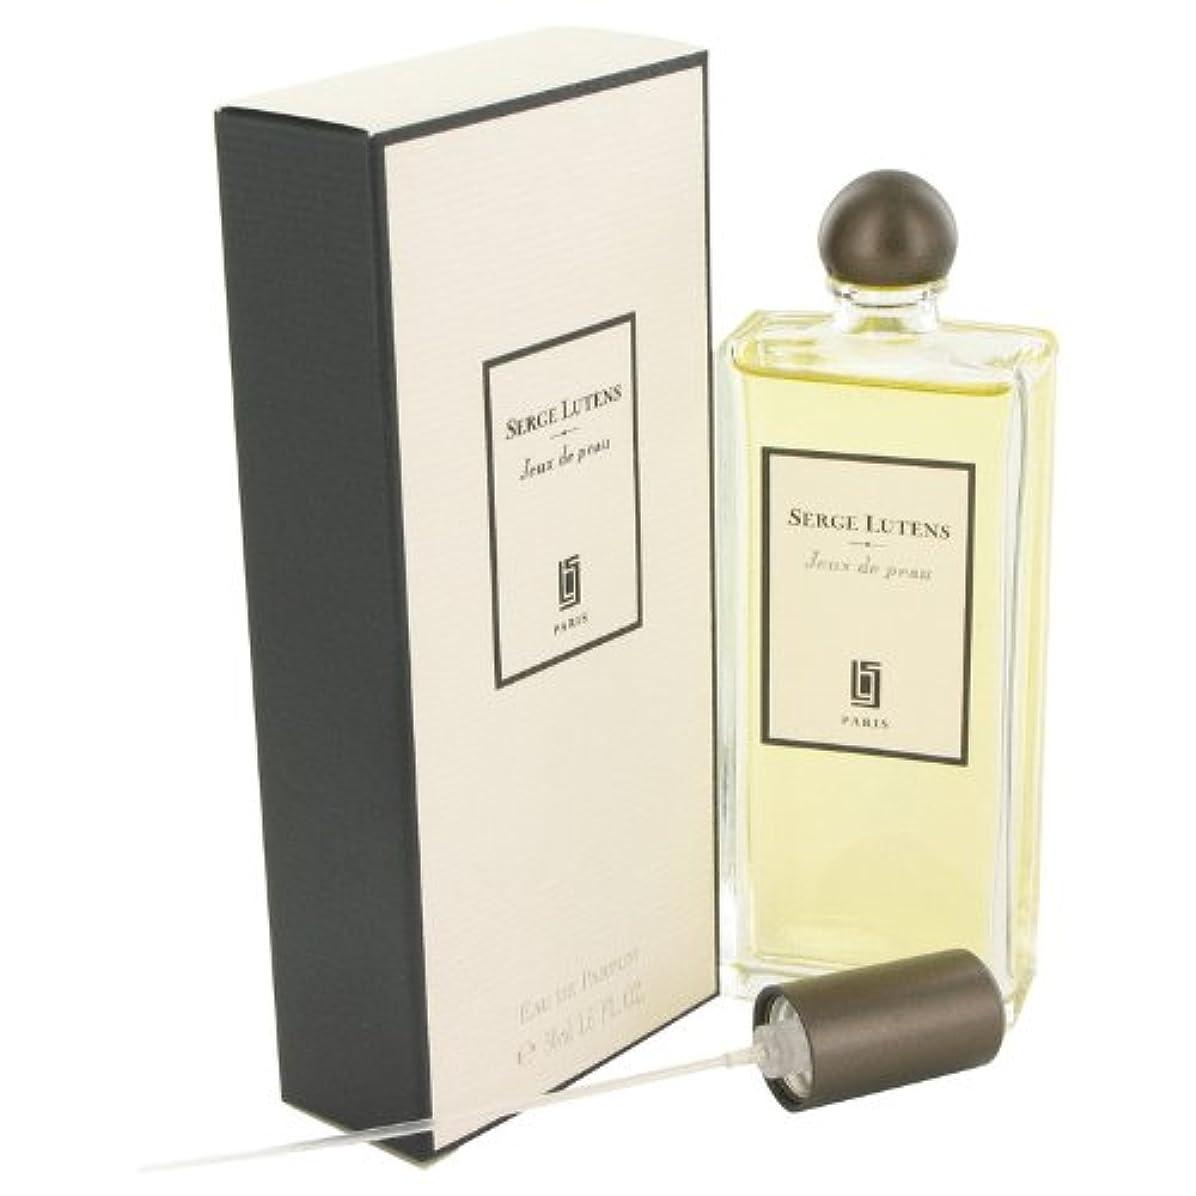 Jeux De Peau Eau De Parfum Spray (unisex) By Serge Lutens